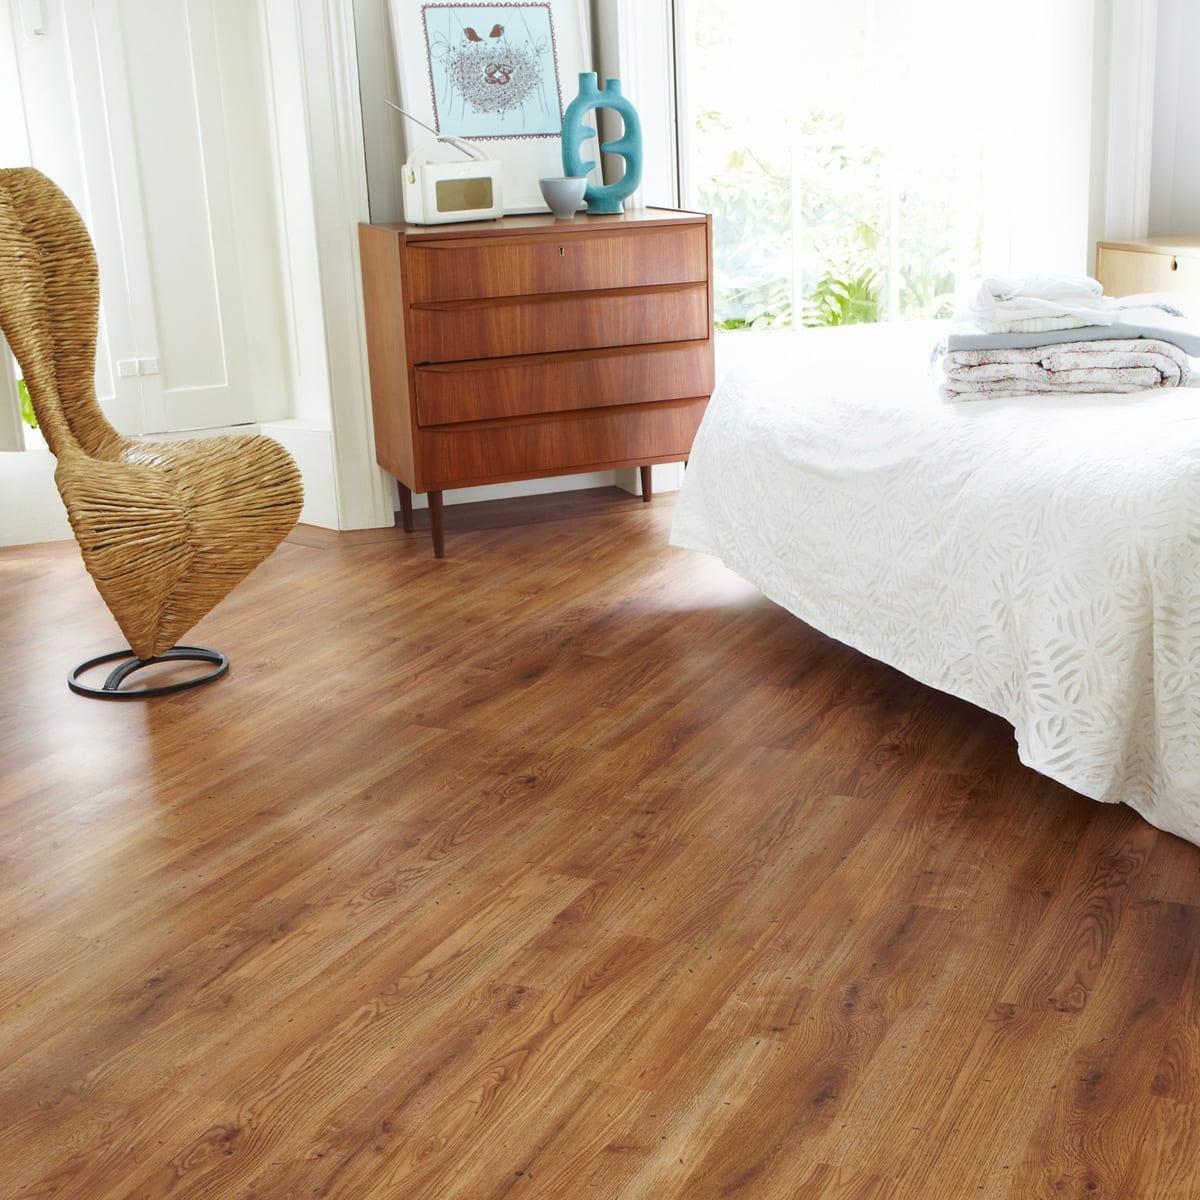 how to clean karndean vinyl plank flooring